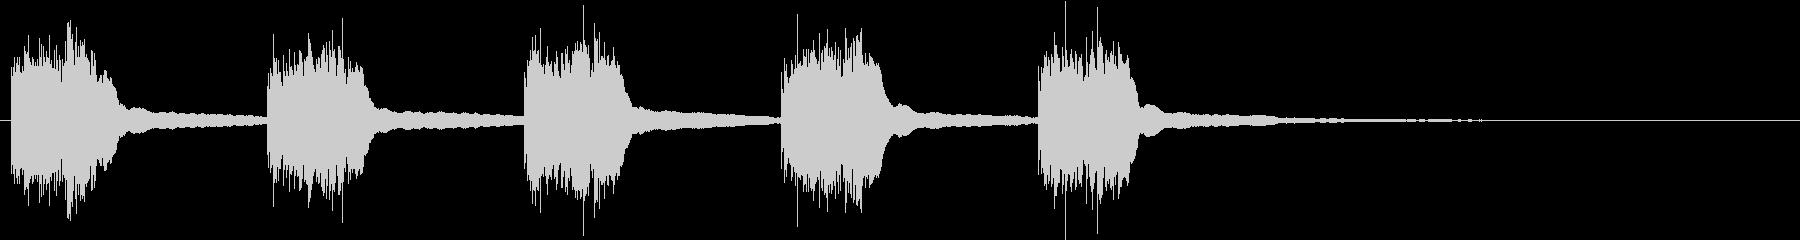 黒電話 着信音01-1の未再生の波形